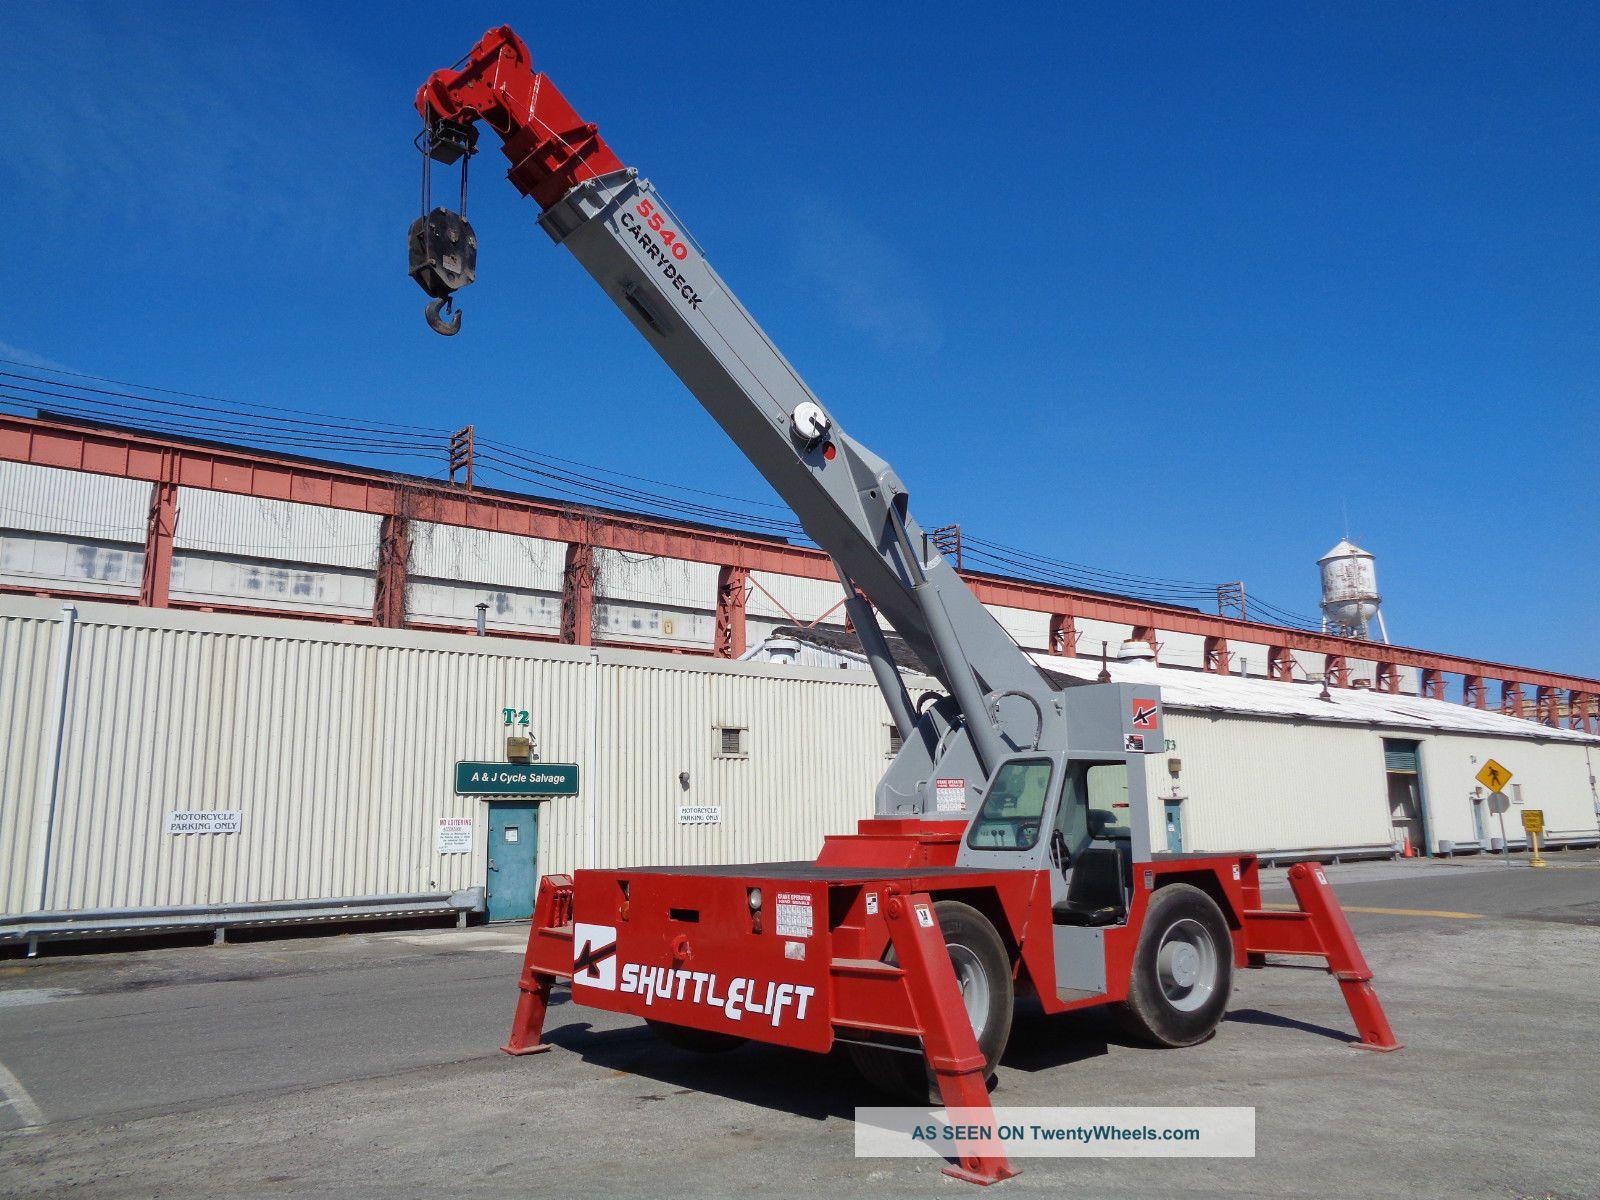 Tractor Hydraulic Boom Crane : Shuttlelift carry deck hydraulic crane ton